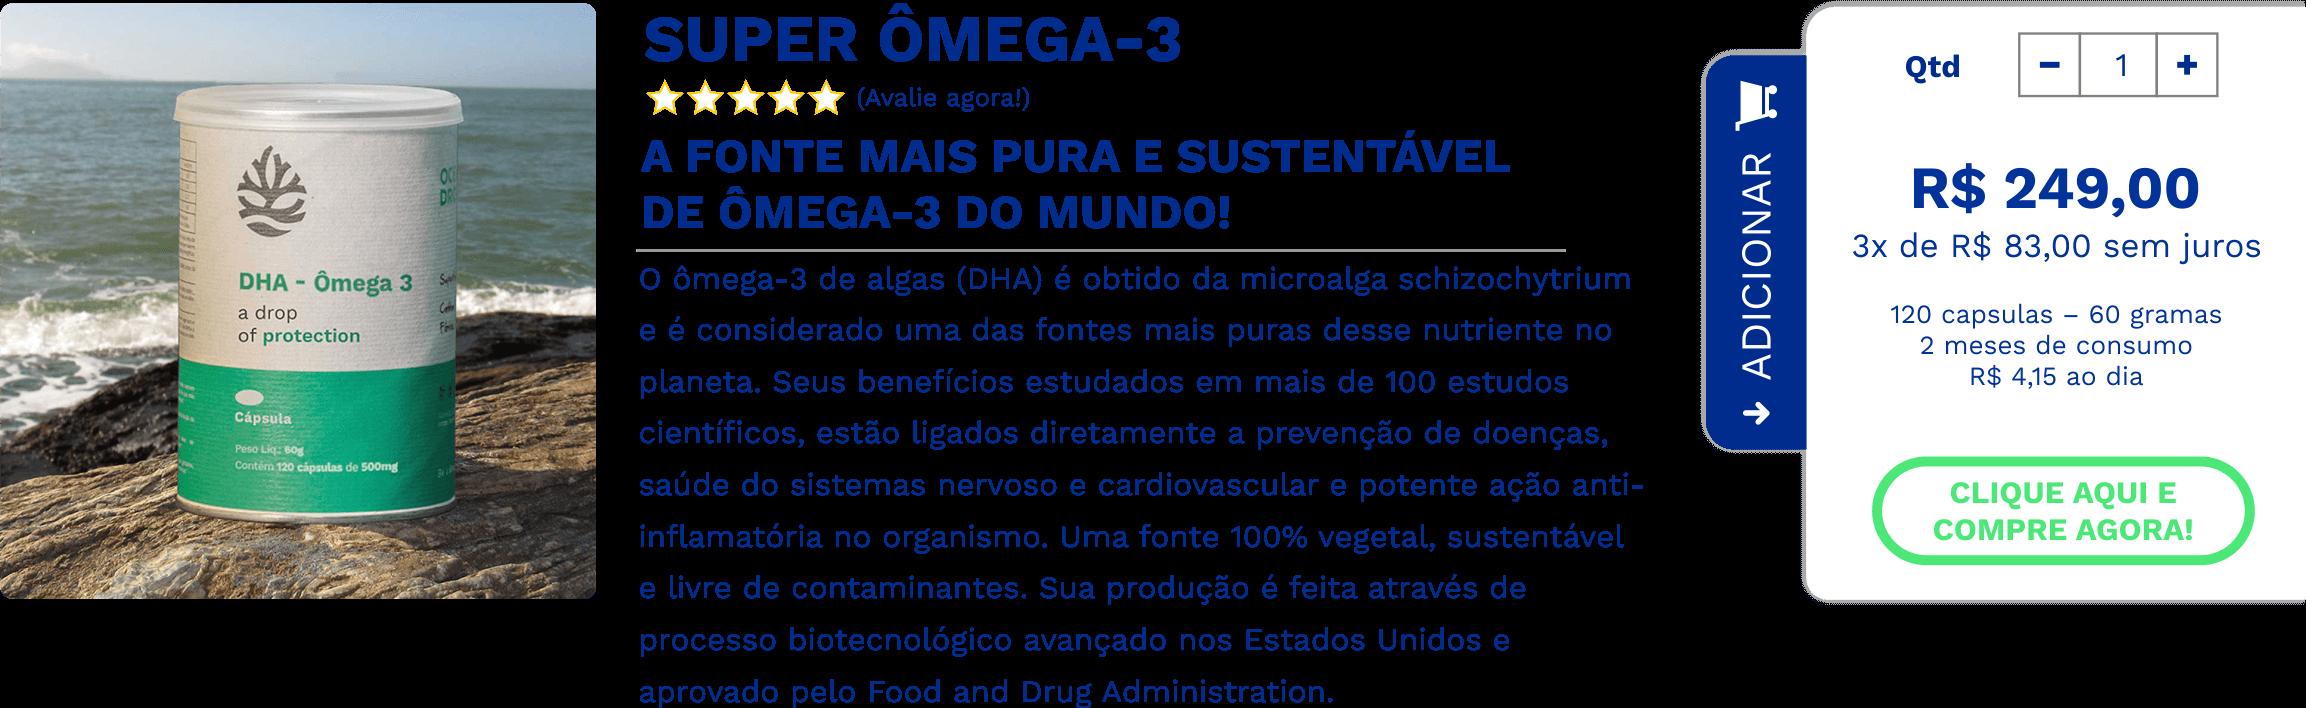 display-omega-produto